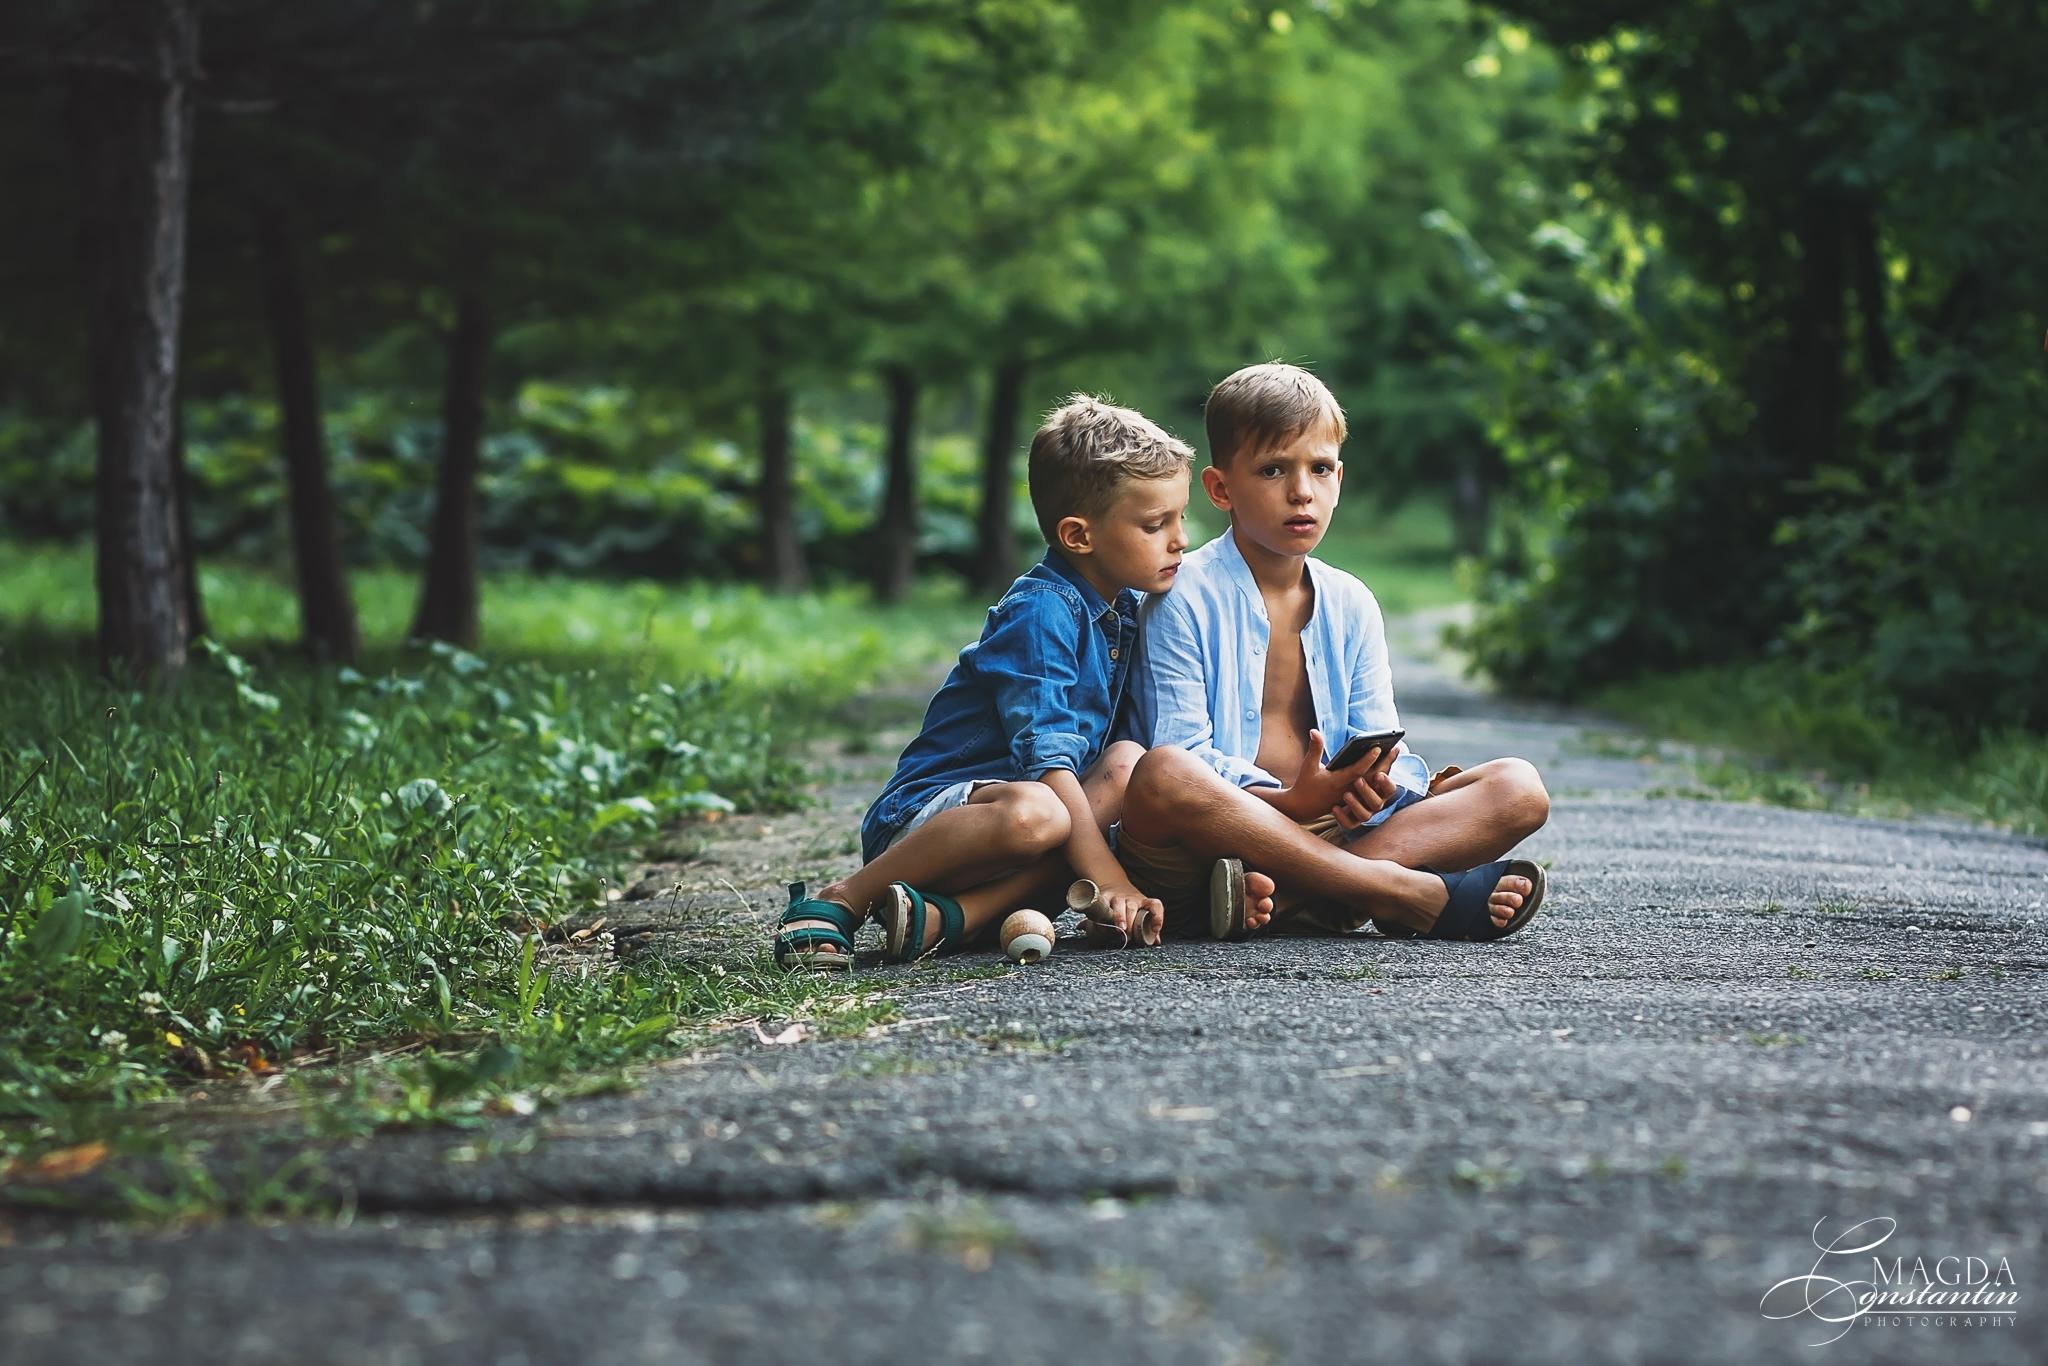 Sedinta foto de maternitate in natura cu stefania cei doi baieti asezati pe o alee in gradina botanica